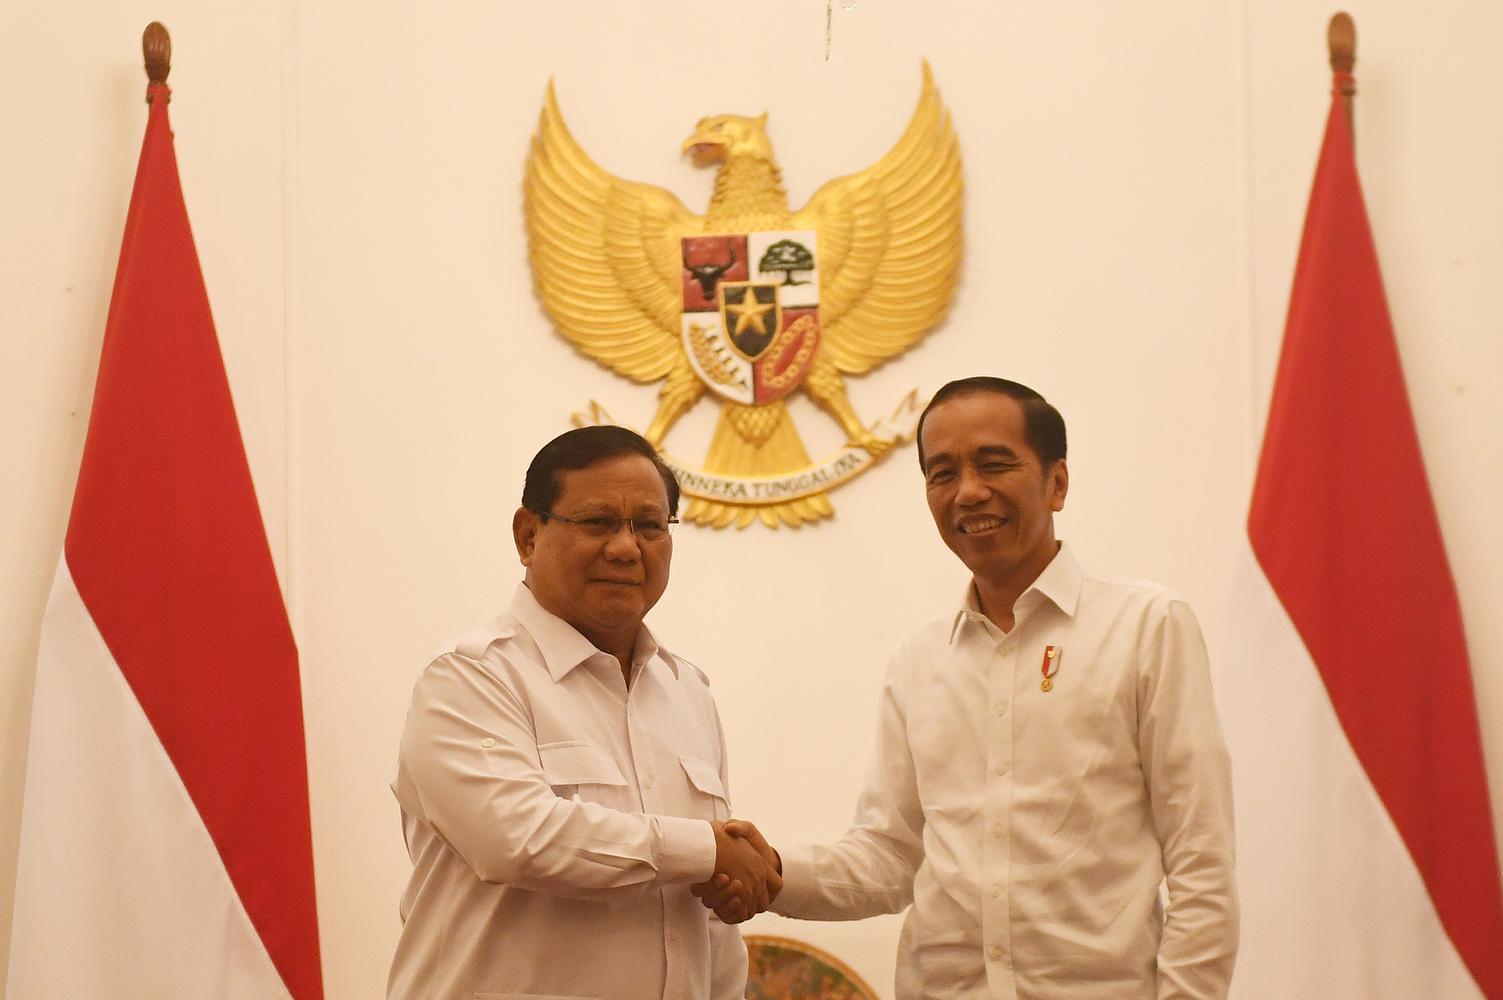 Rupiah, nilai tukar rupiah, kurs rupiah, Kabinet Jokowi Maruf, Kabinet Jokowi, Perang Dagang